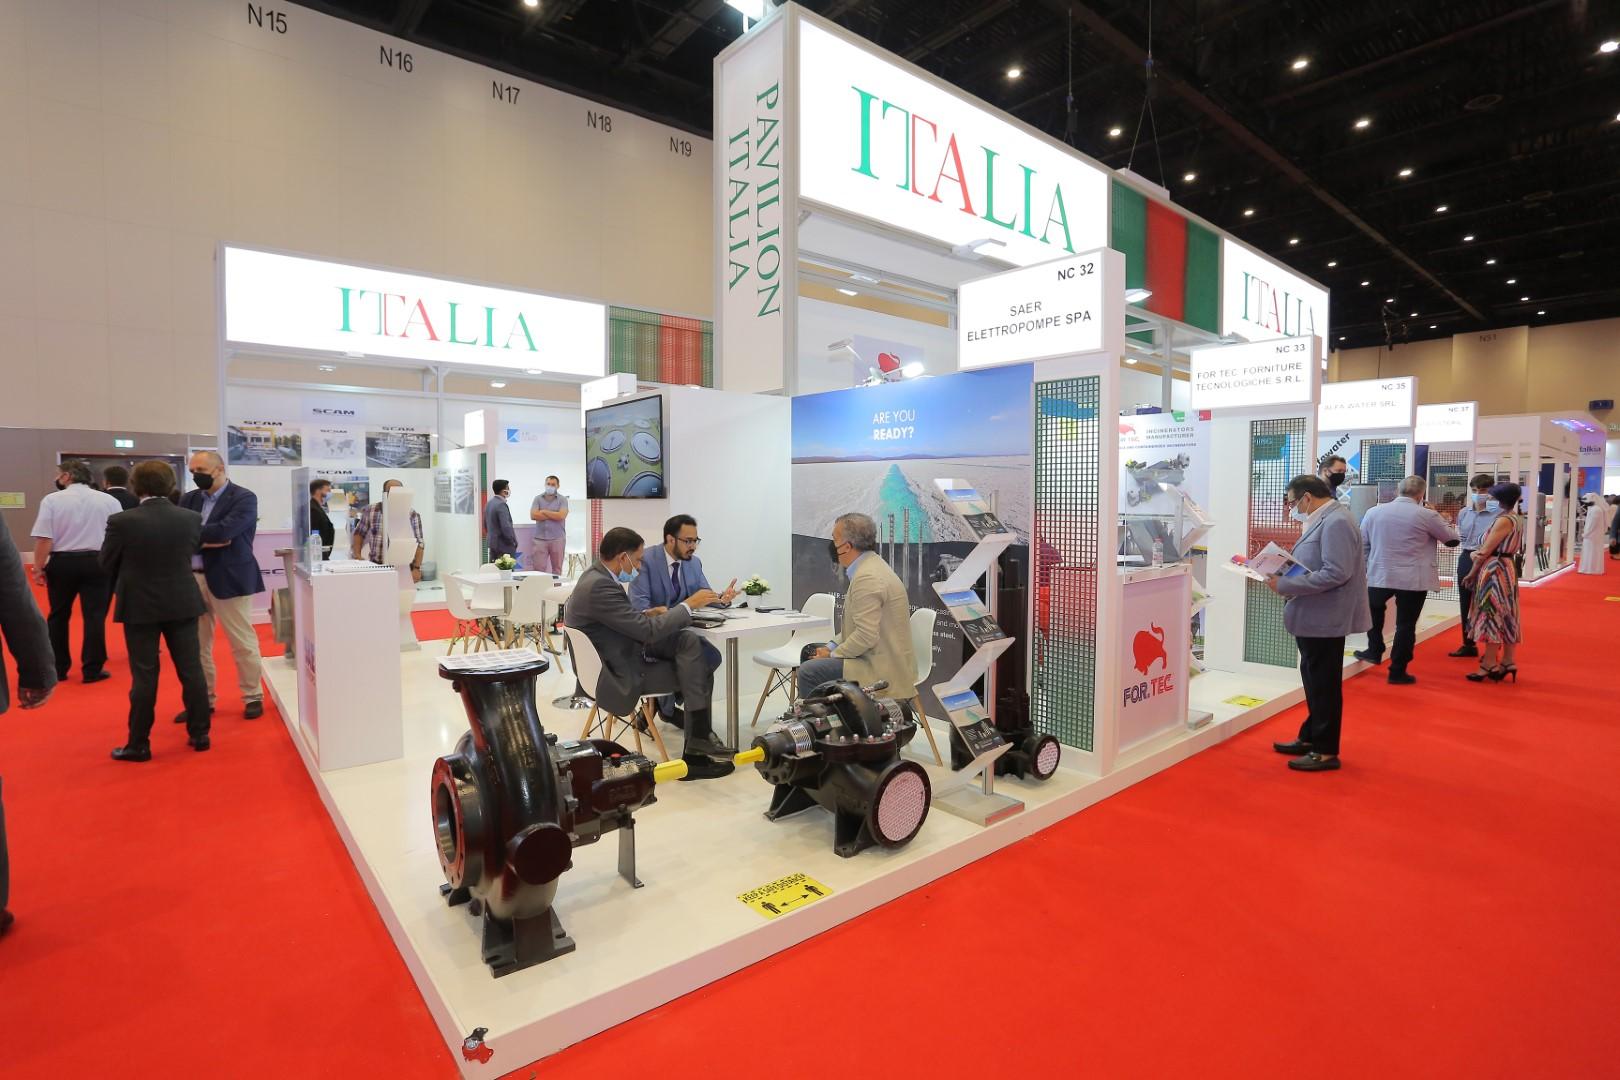 """إيطاليا تستعرض أحدث الحلول المبتكرة للتصدي لتحديات المناخ في """"ويتيكس 2021"""""""